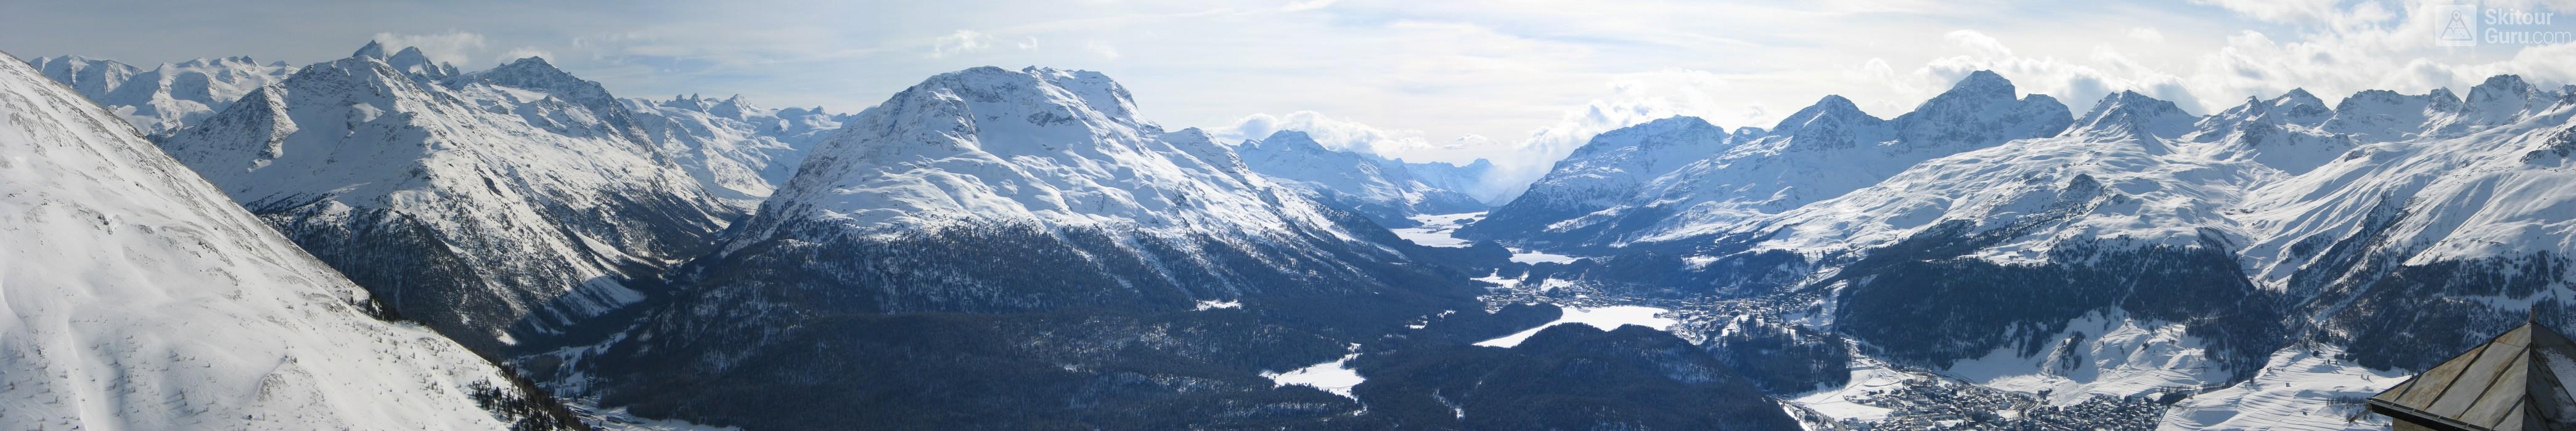 Muottas Muragl - Romantik Hotel Albula Alpen Schweiz panorama 15